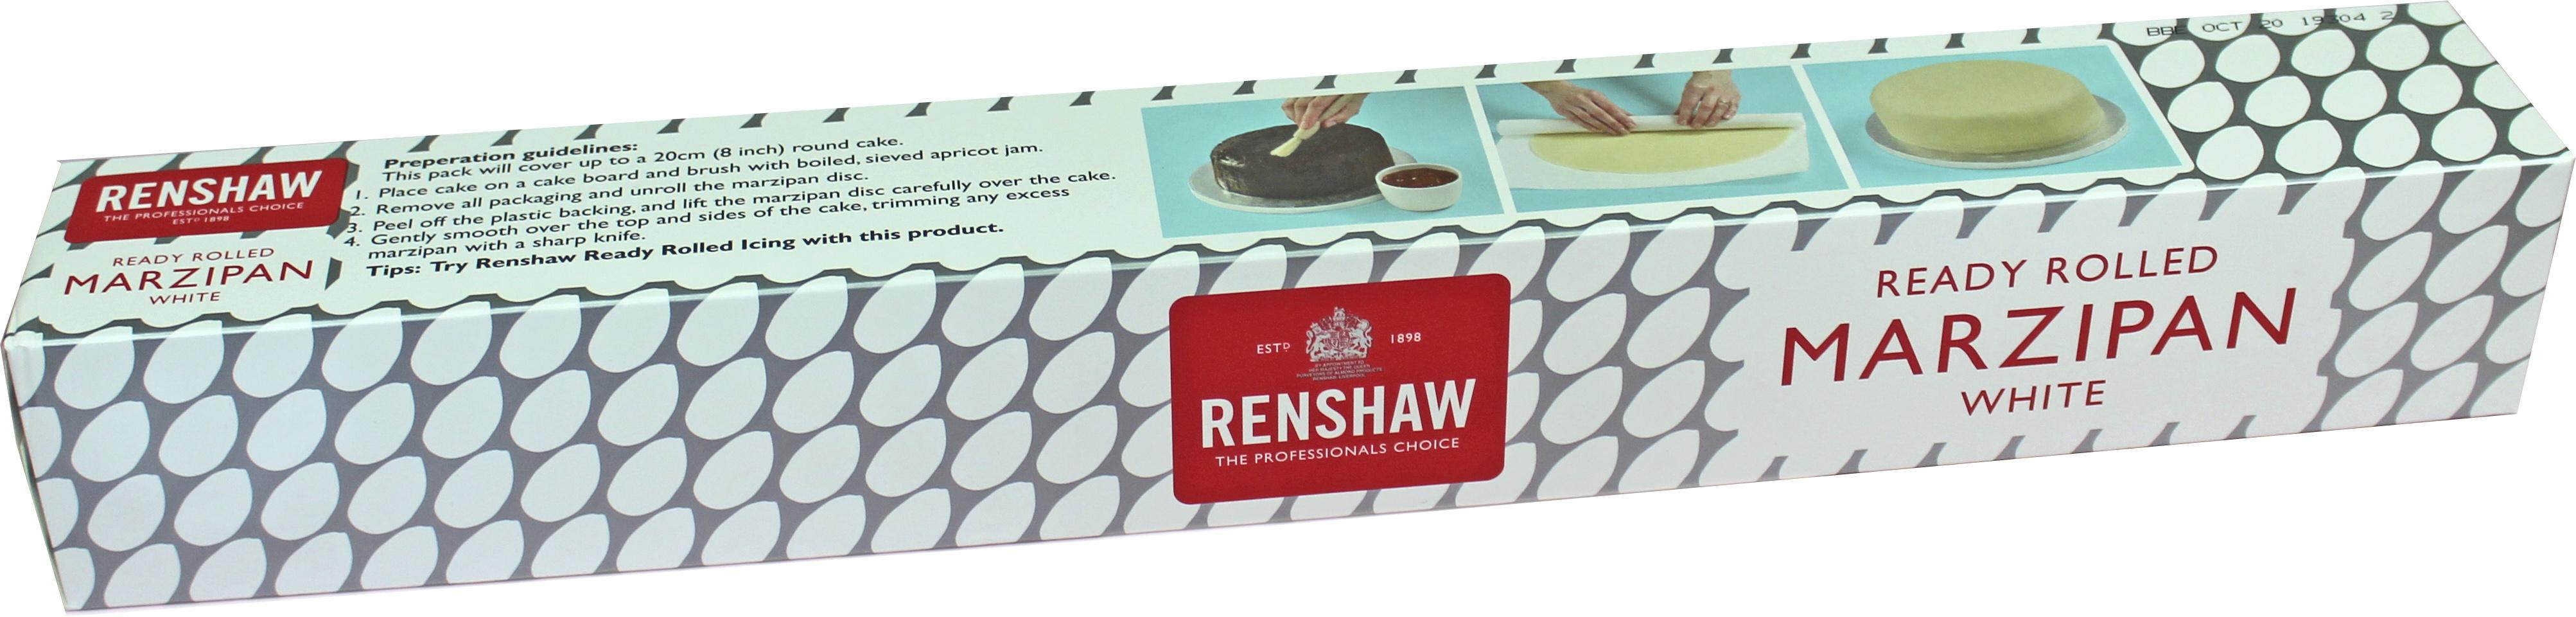 Renshaw ausgerollte Marzipandecke 33cm